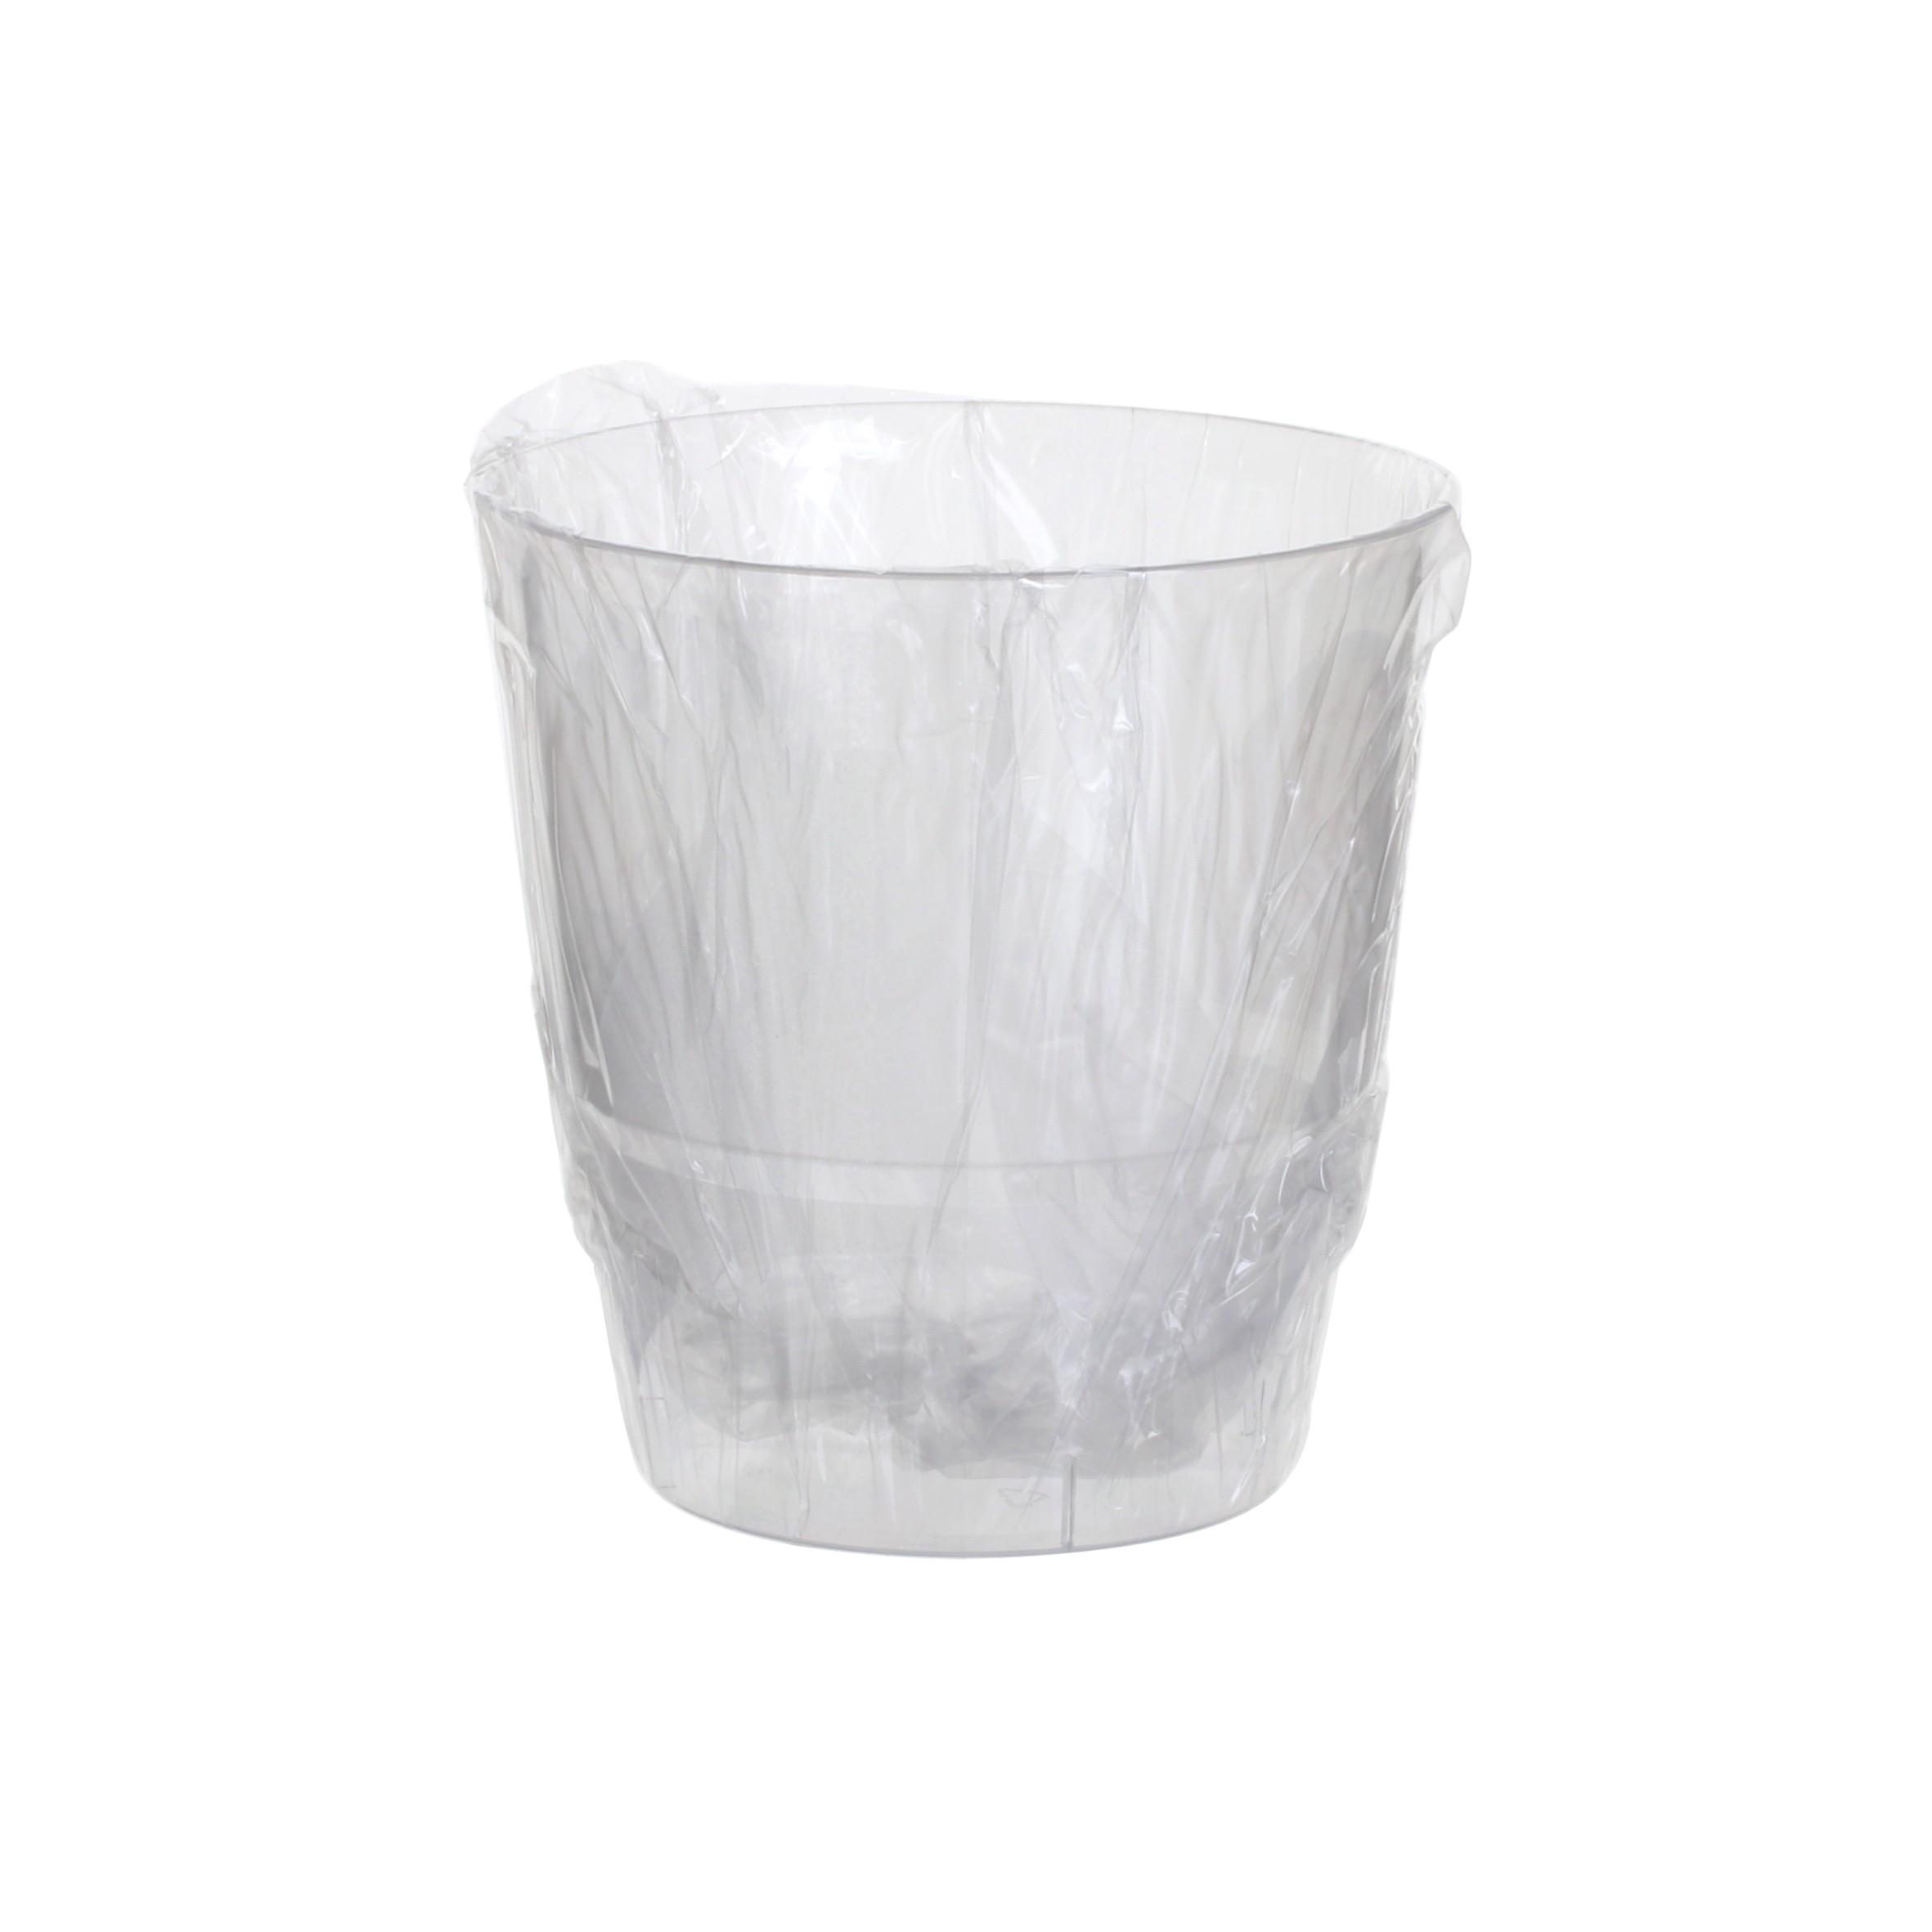 Verre cristal CLUB 22 cl emballé individuellement